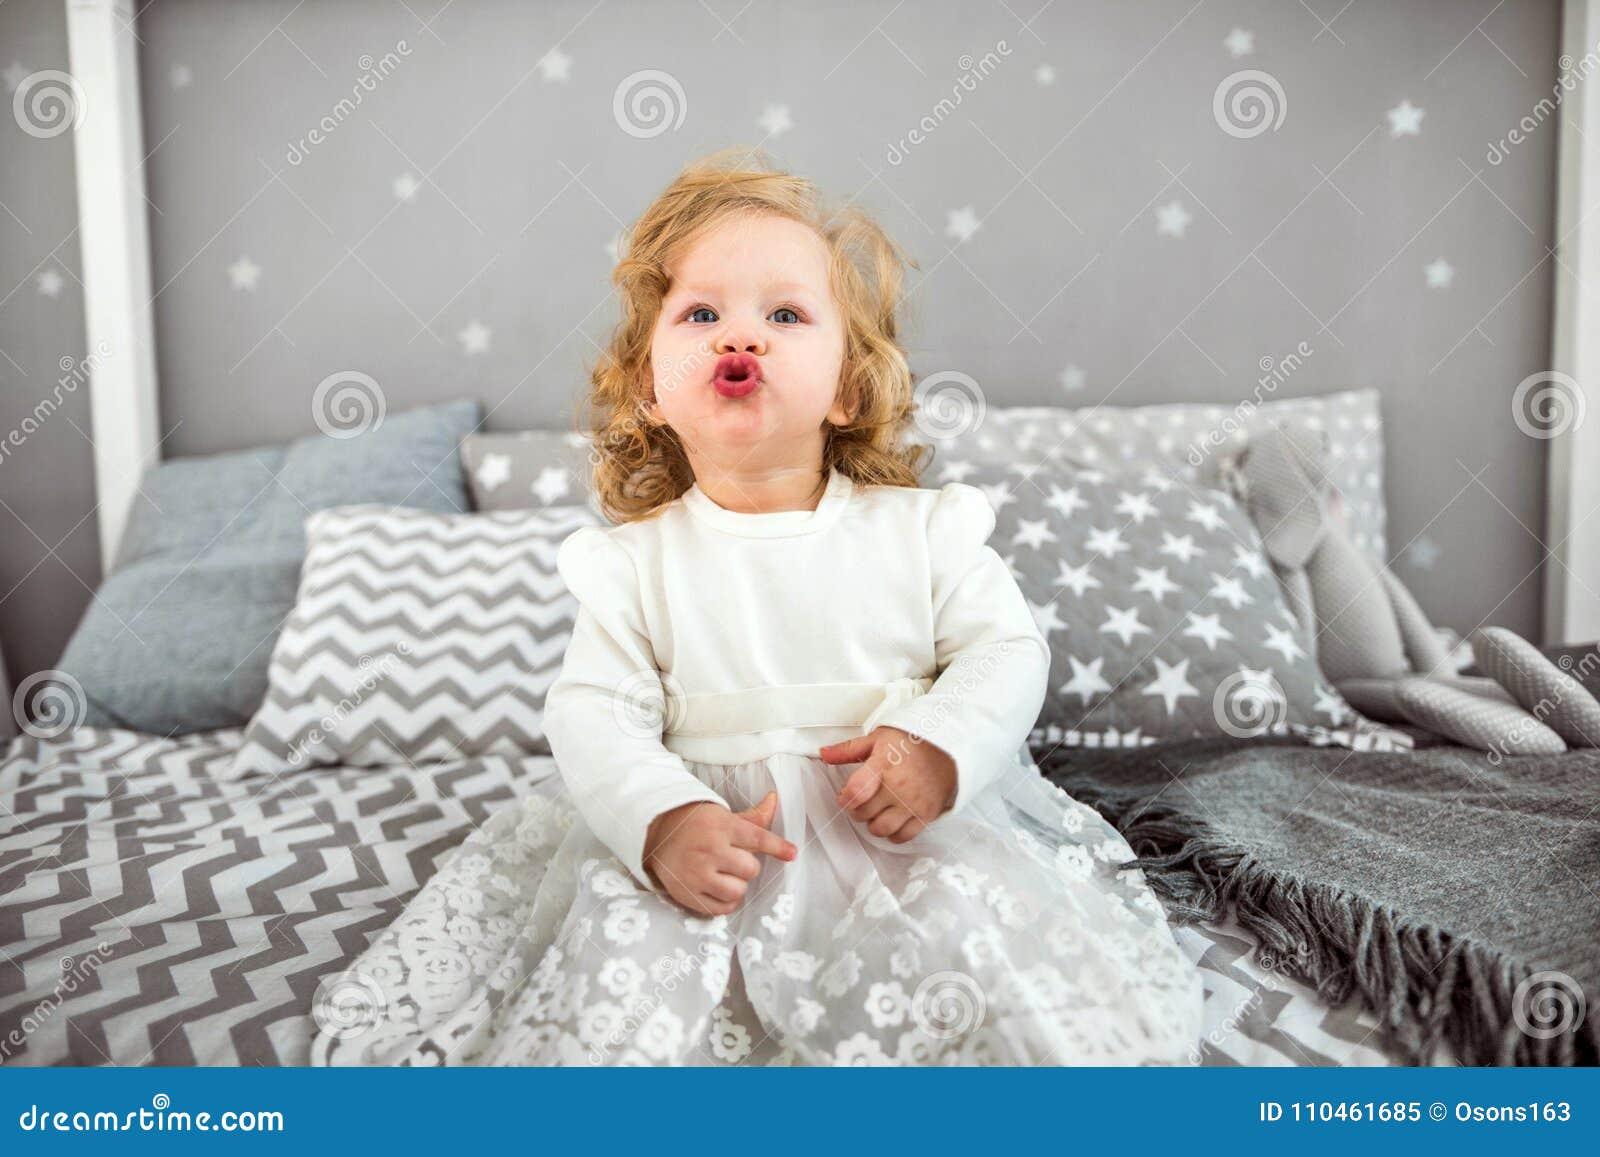 Lilla flickan sitter på sängen